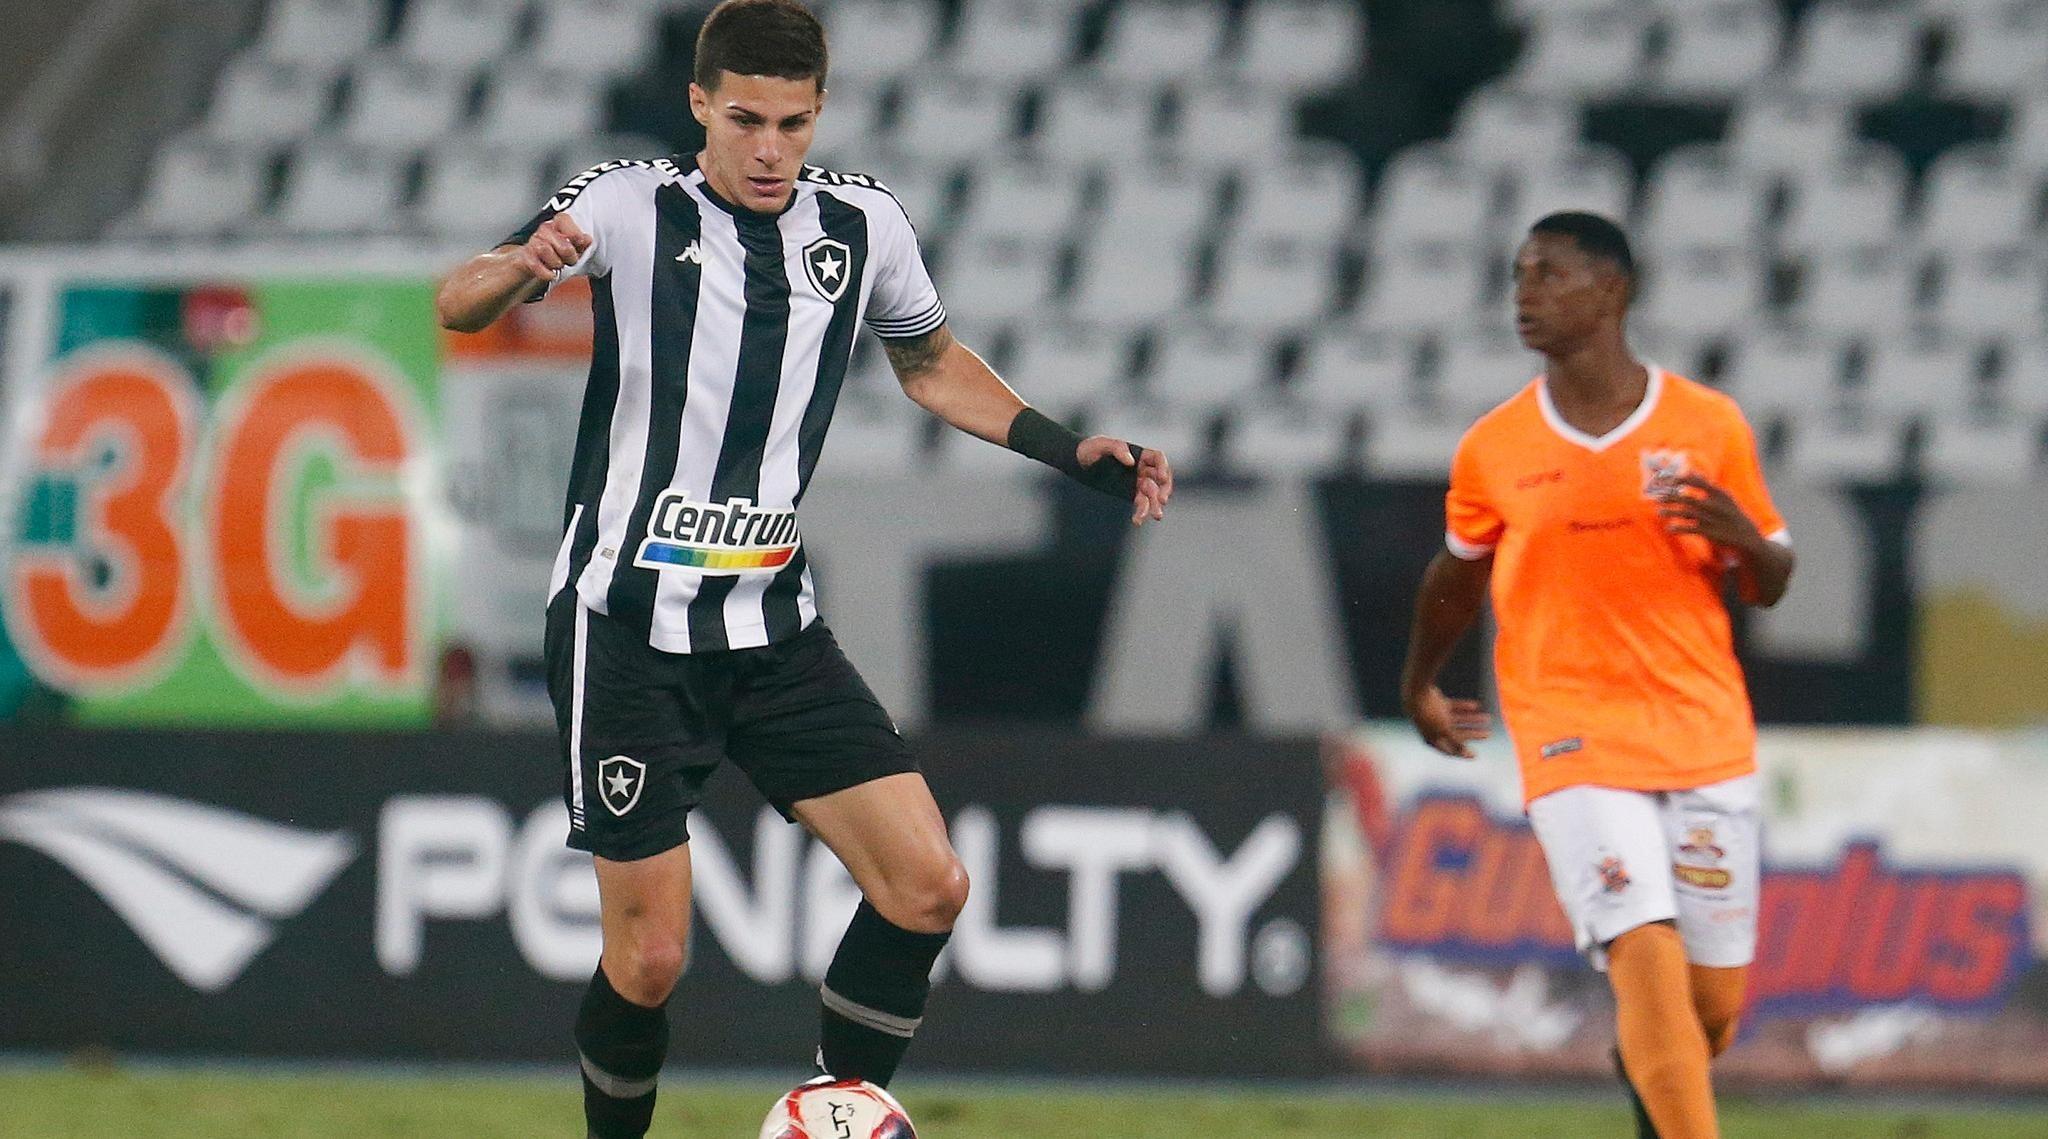 Foto: Vitor Silva/Botafogo/Divulgação